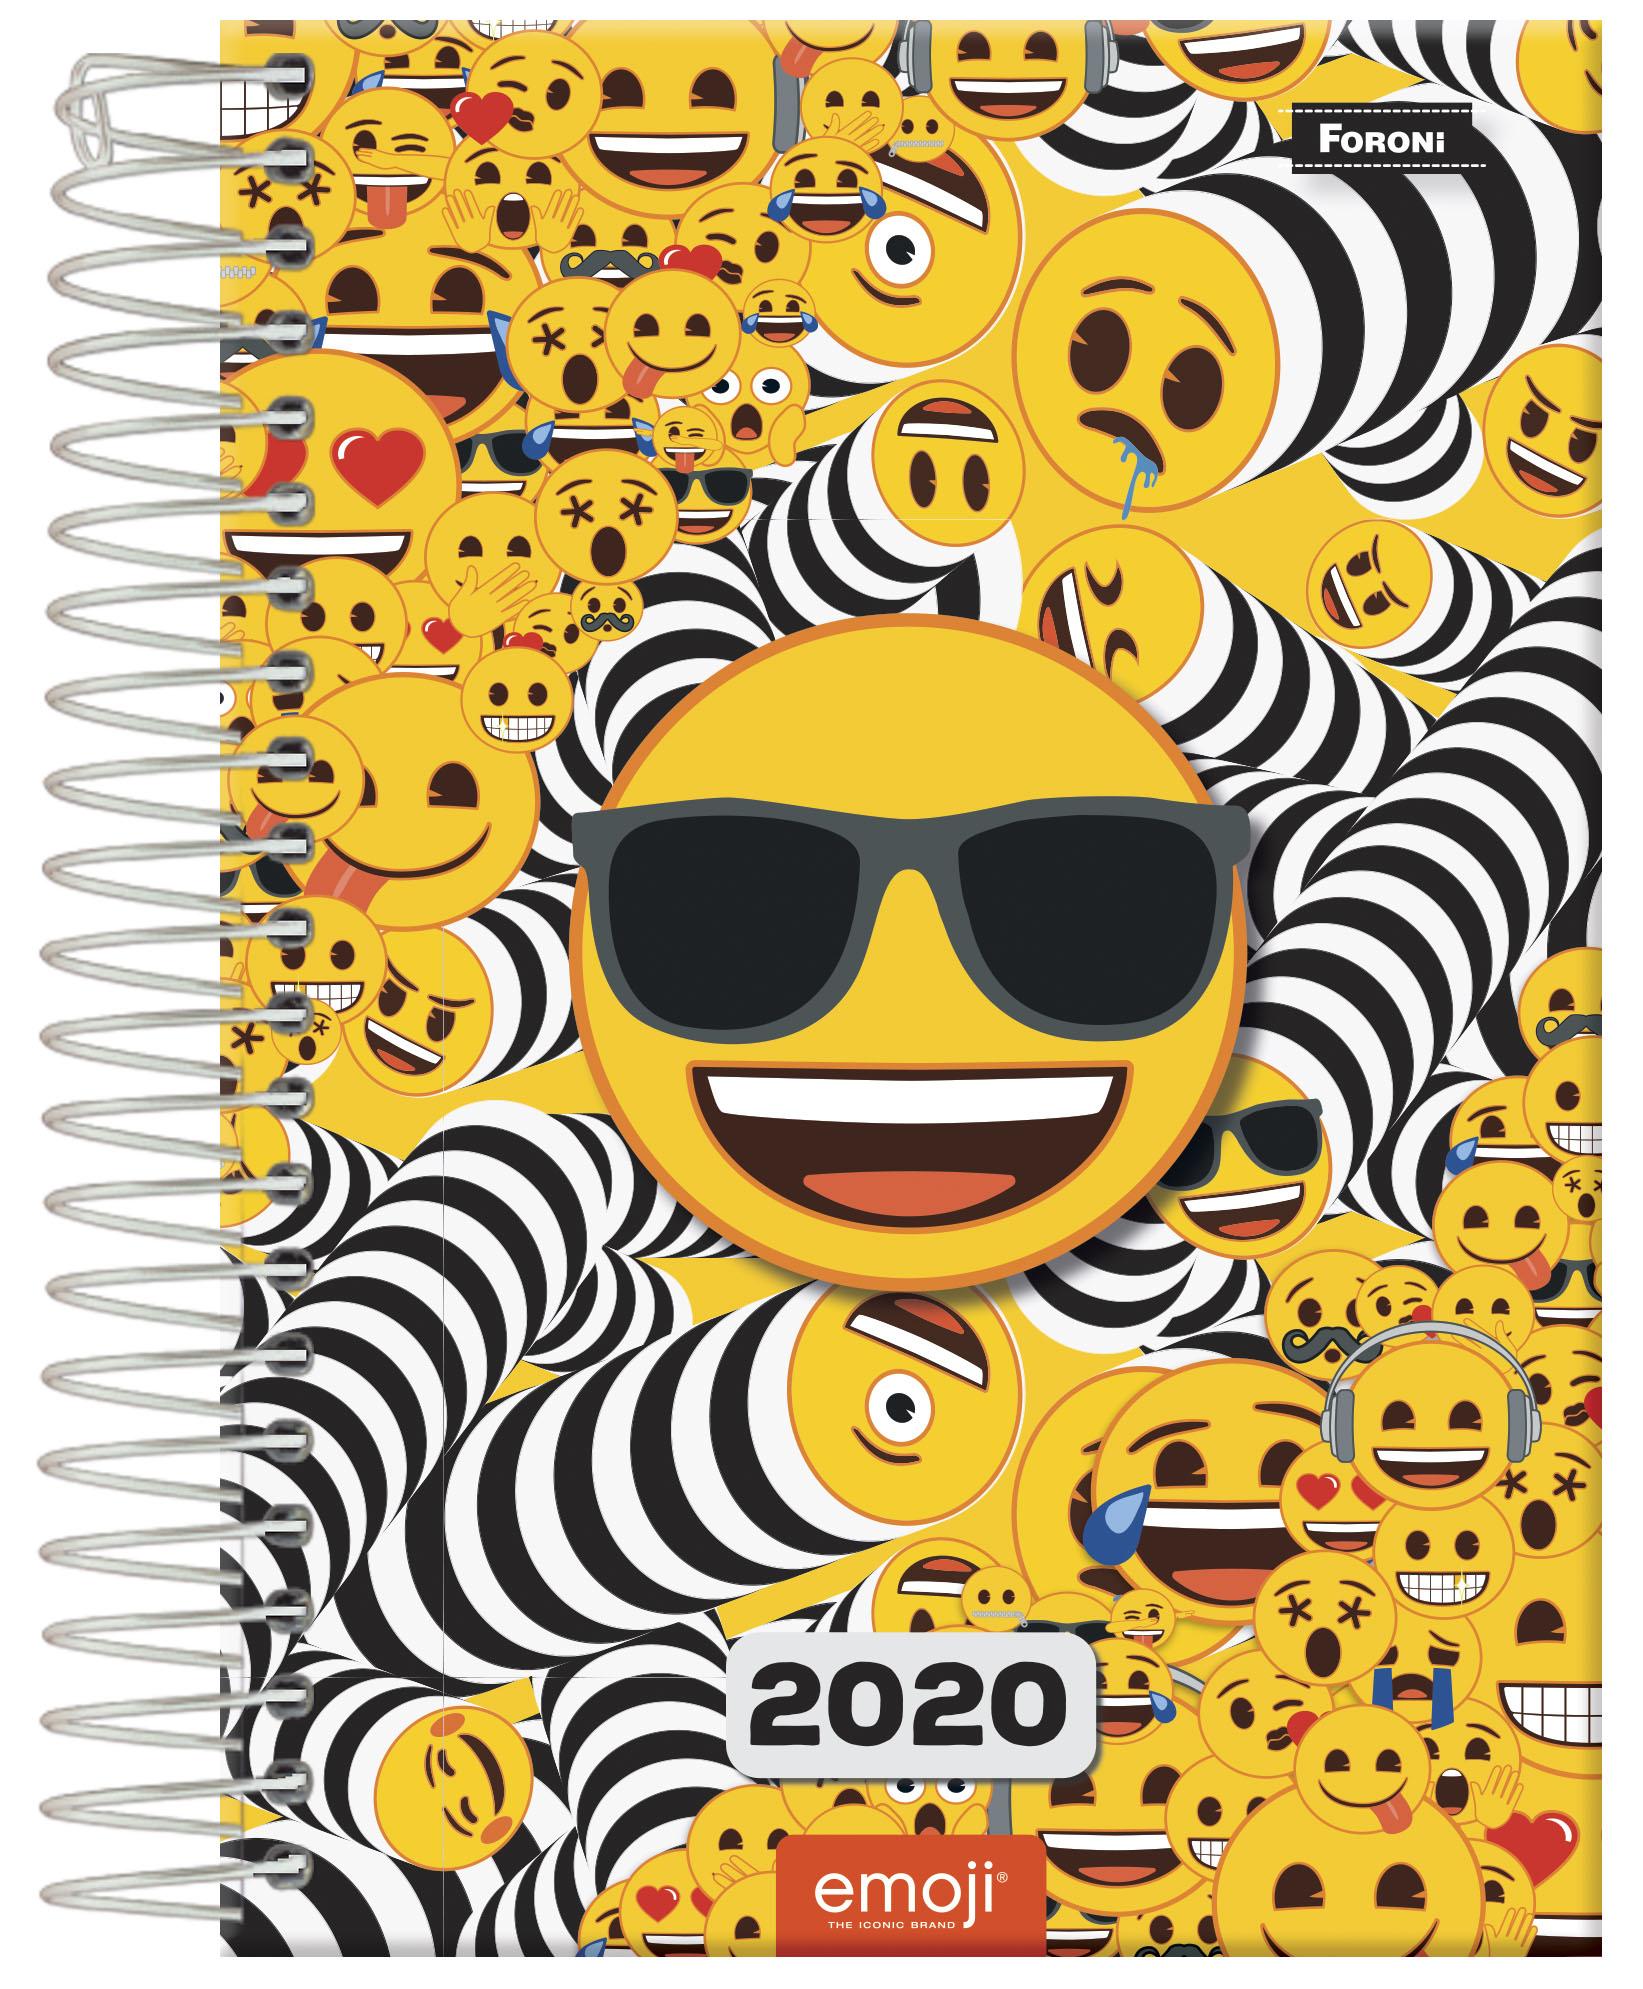 Planejamento Anual   Foroni Lança Planners e Agendas Para 2020 Emoji